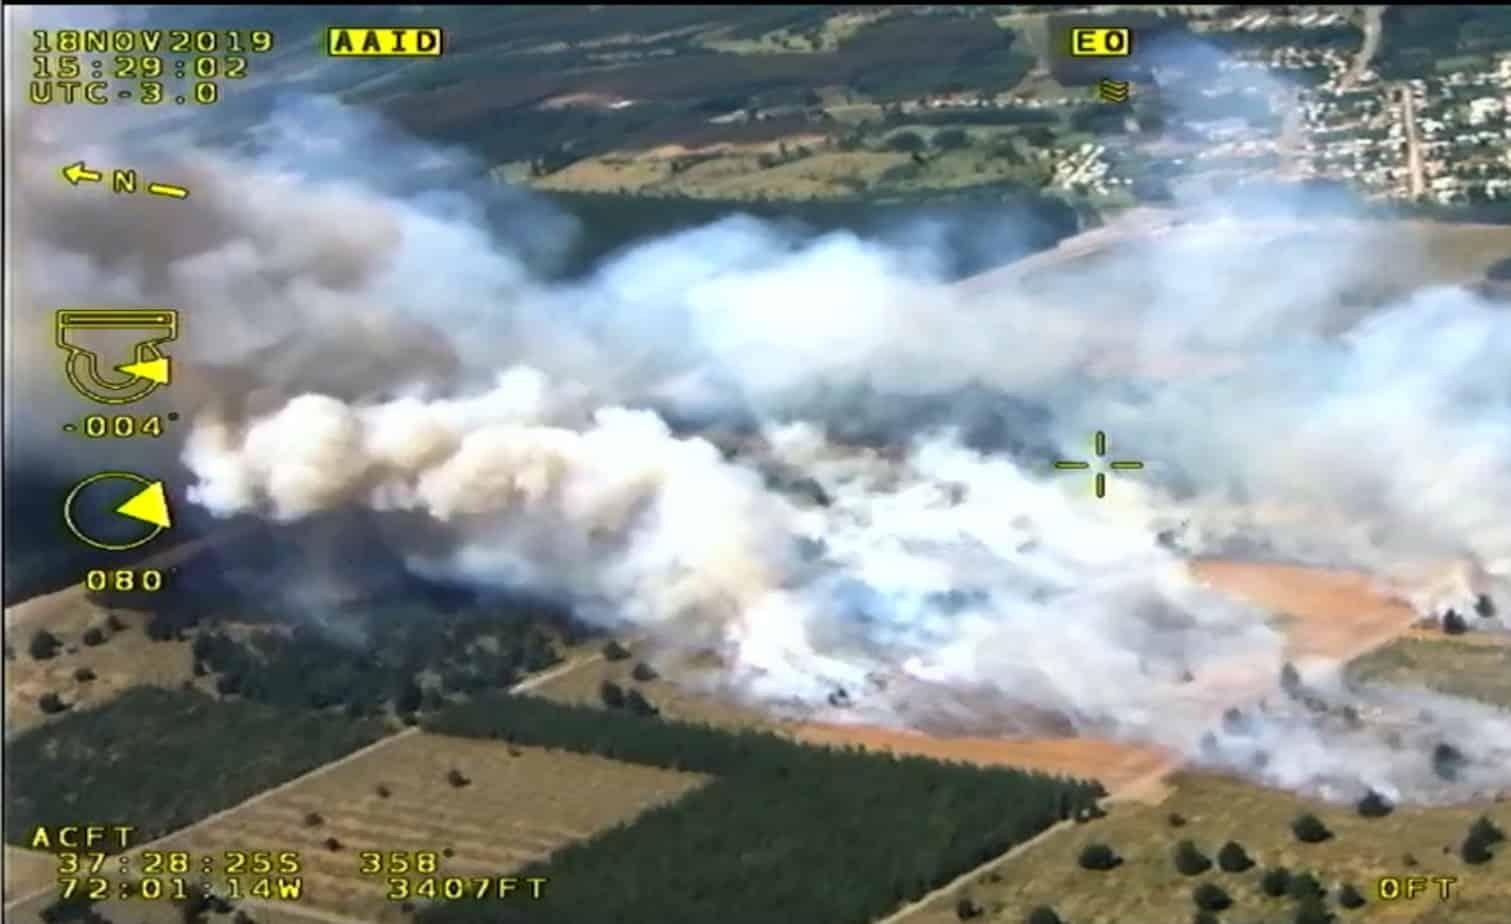 Incendio consume más de 16 hectáreas en Quilleco